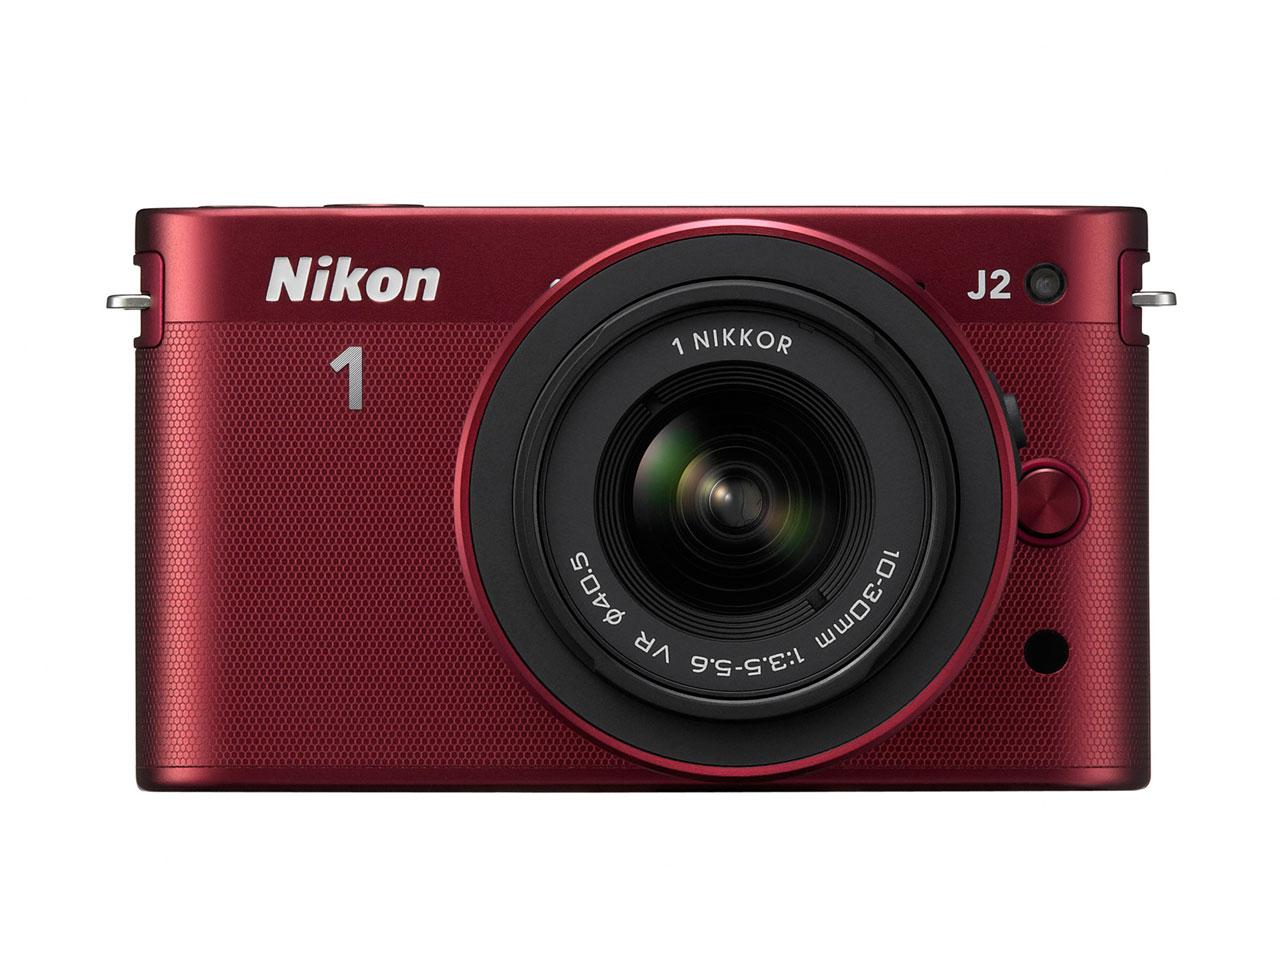 Nikon 1 J2 標準ズームレンズキット の製品画像